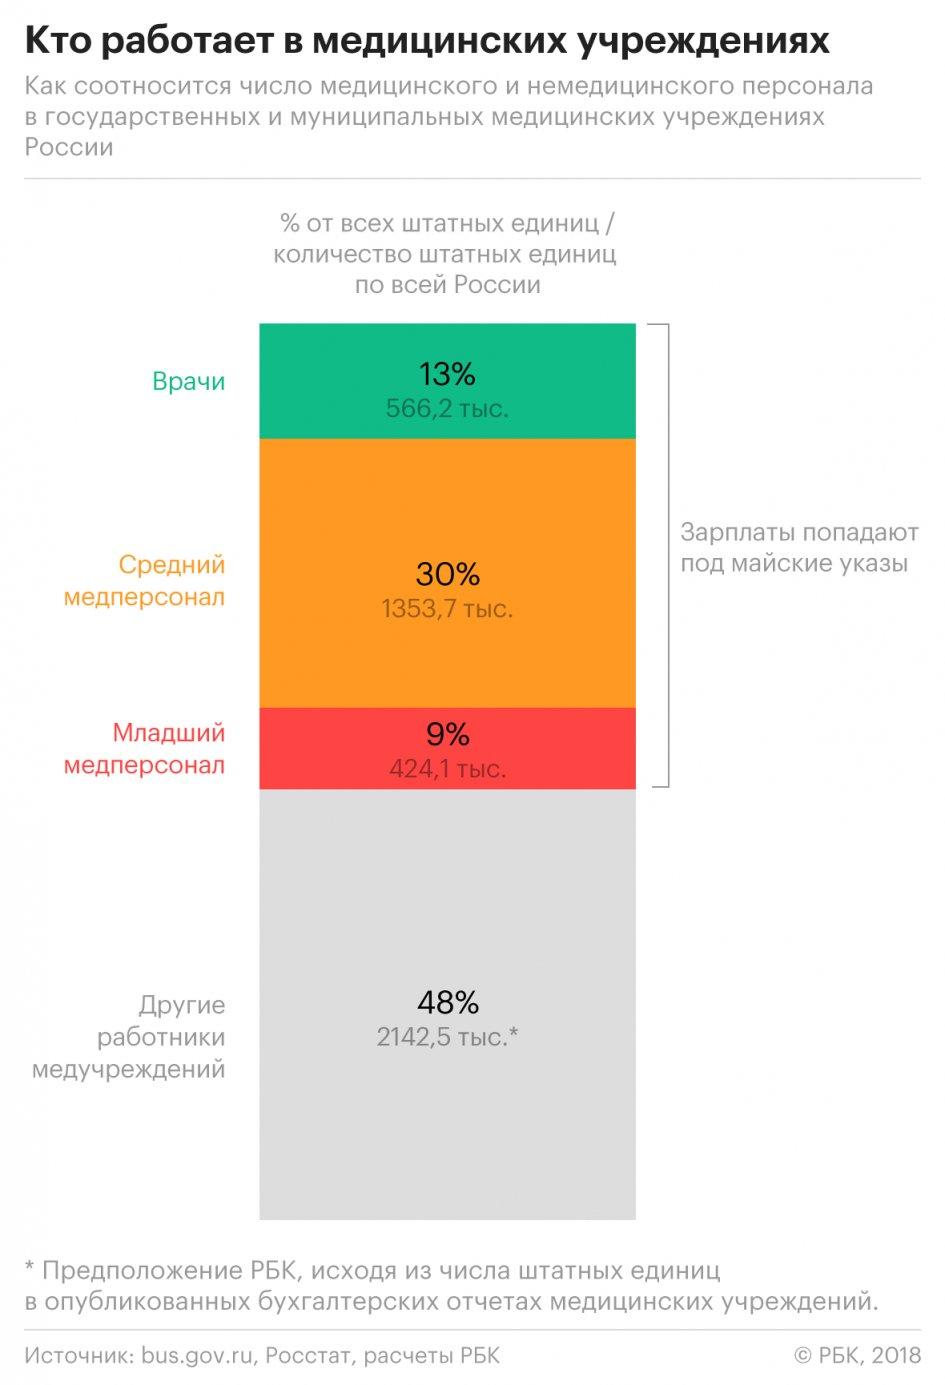 Большинство российских медучреждений не смогли бы выплатить зарплату немедицинскому персоналу или она была бы ниже прожиточного минимума, если бы реально выполнили майские указы президента РФ Владимира Путина от 2012 года и повысили заработную плату медработникам, передаёт РБК. Не хватает денег